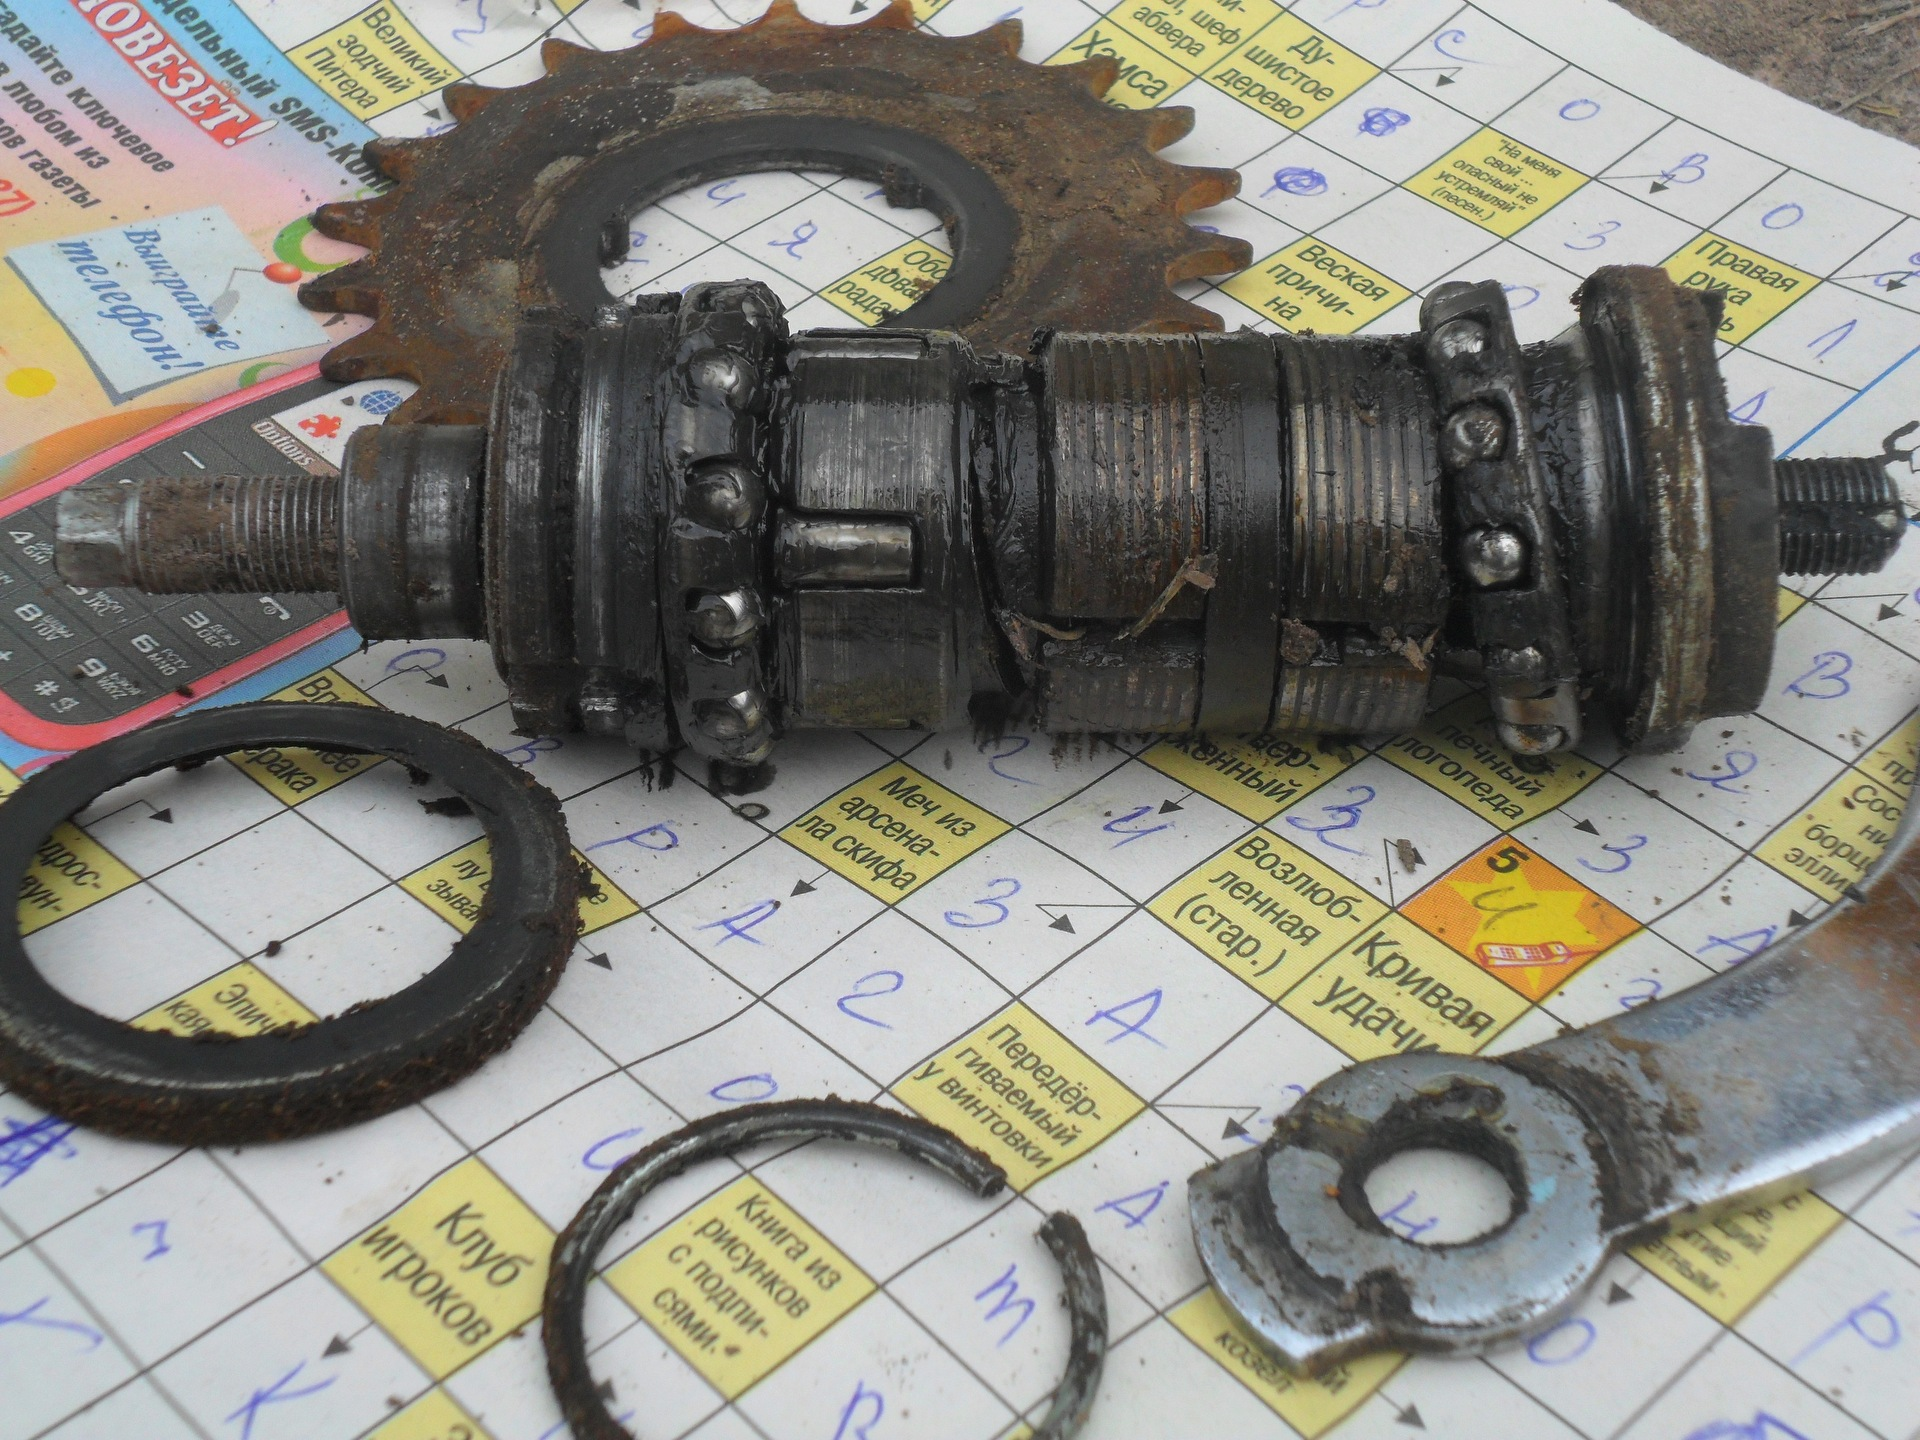 ремонт переднего колеса велосипеда относится